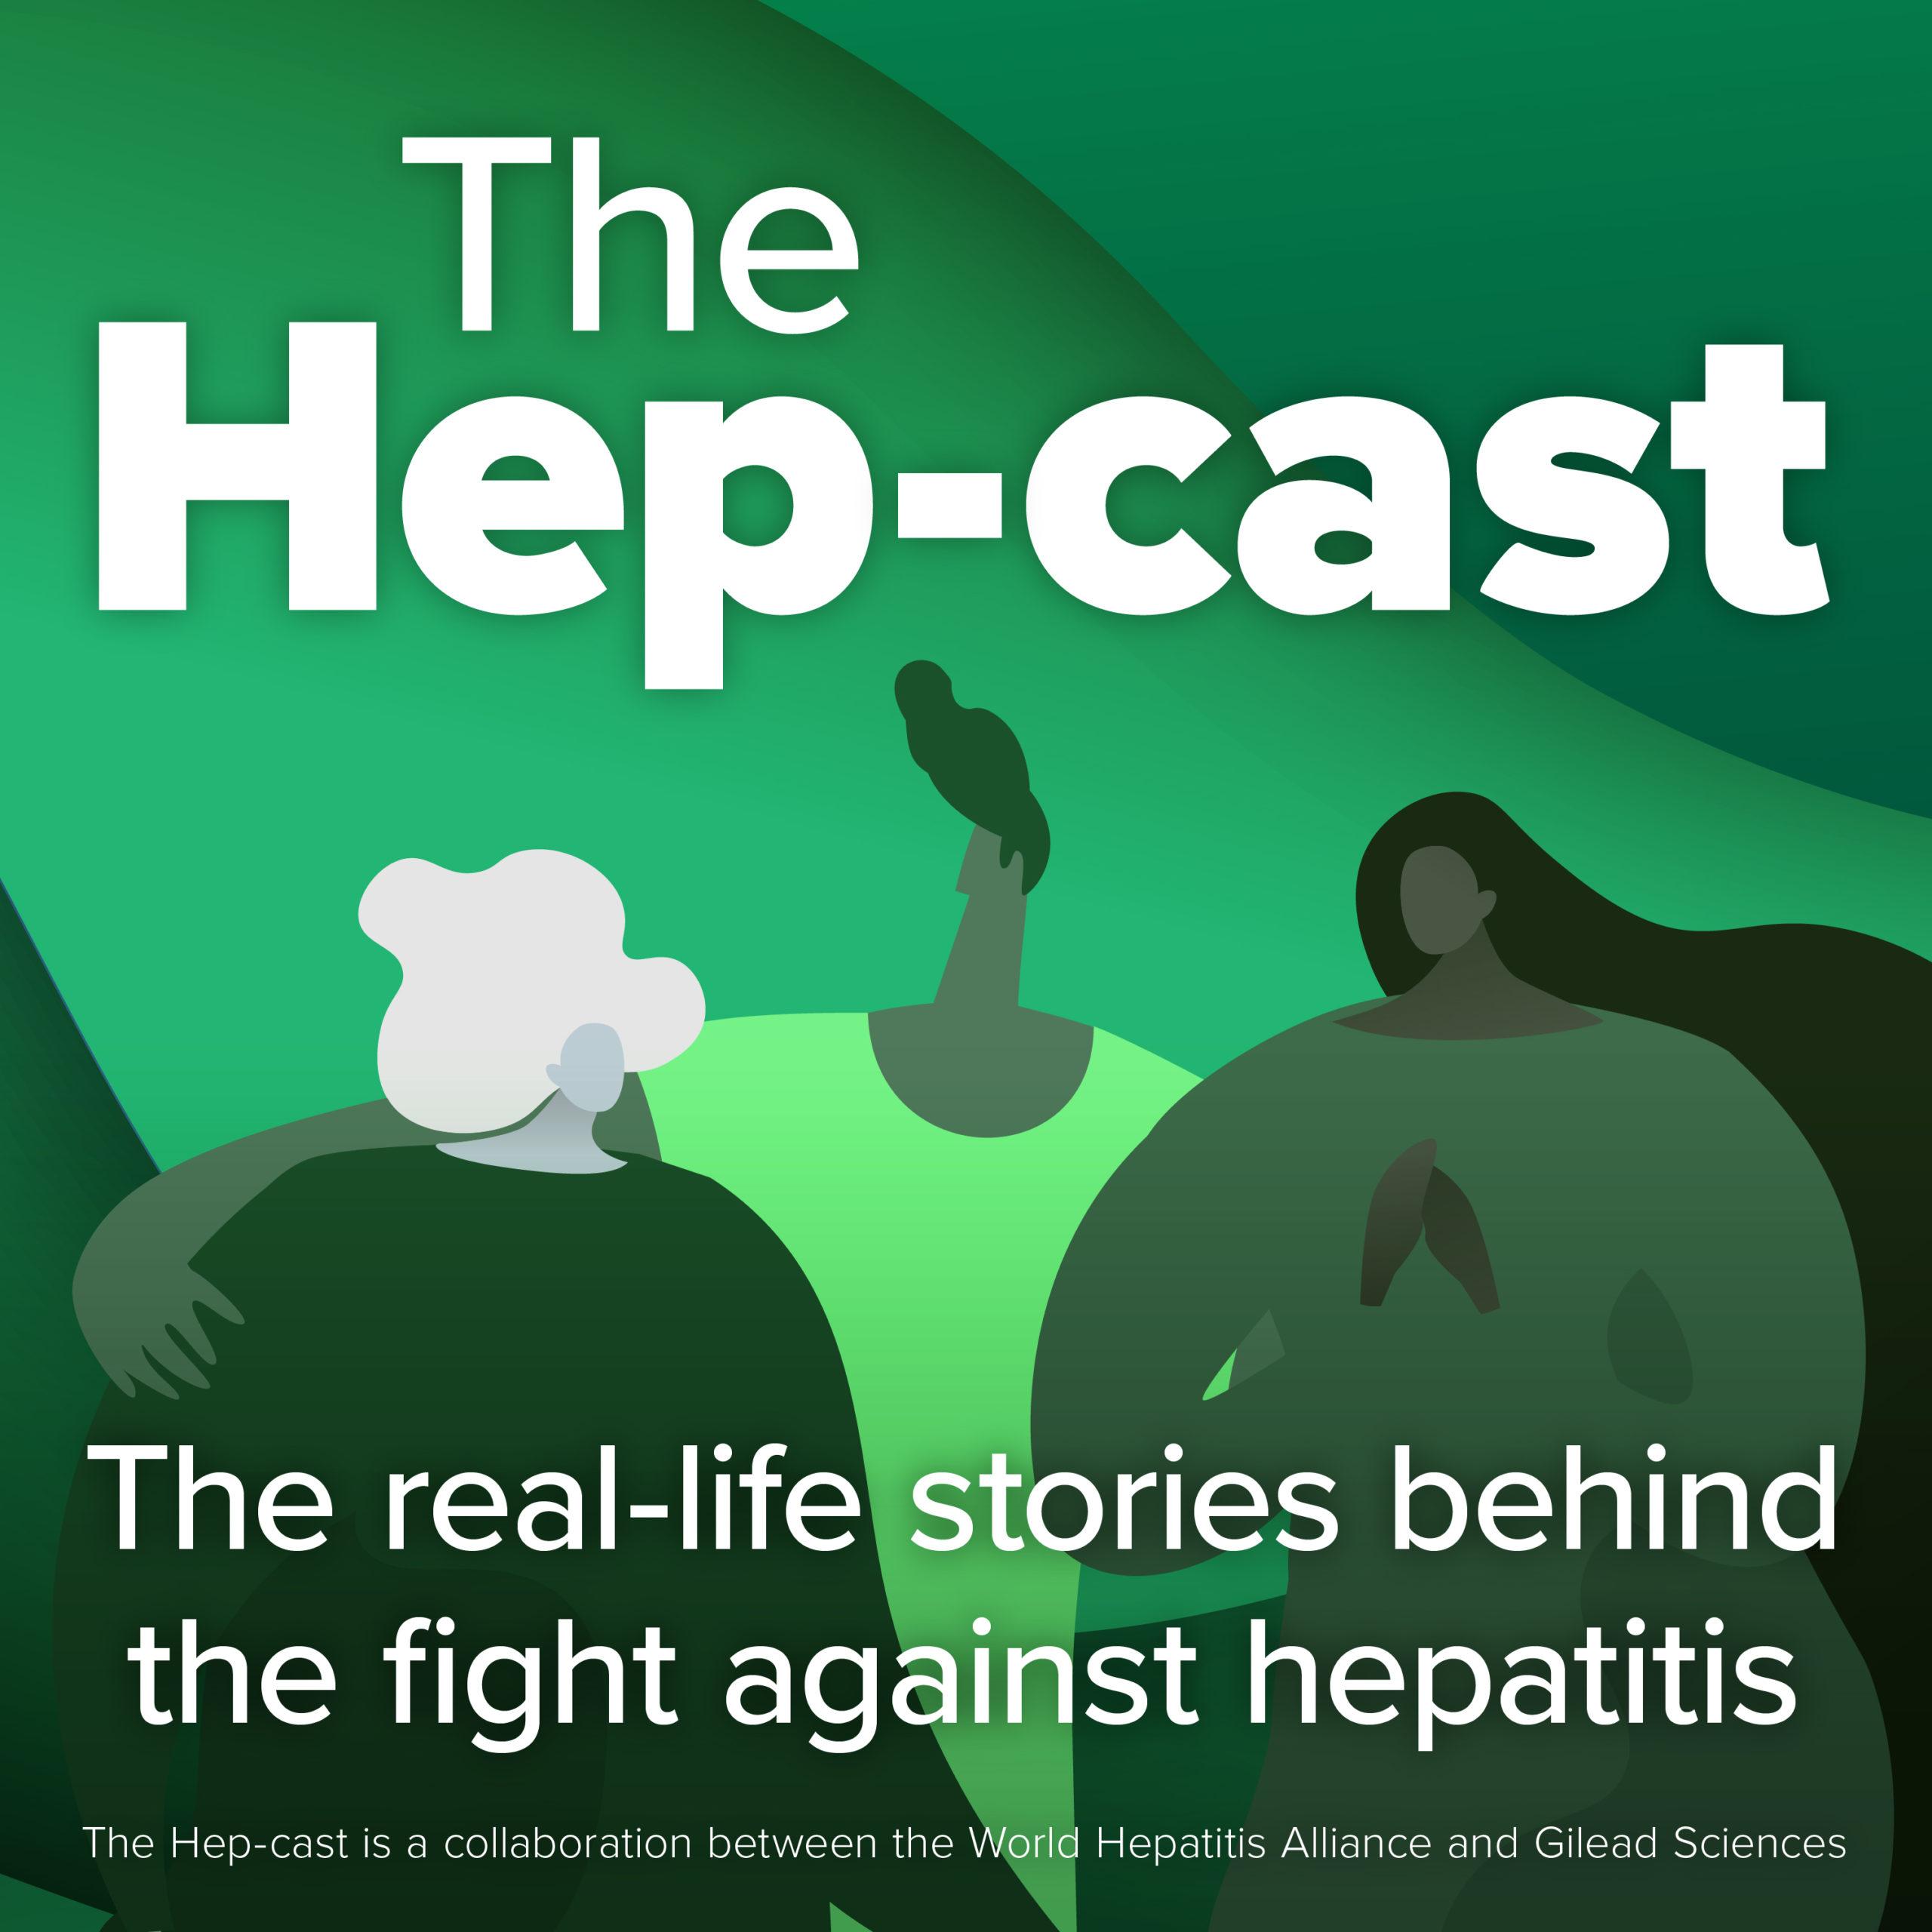 The Hep-cast